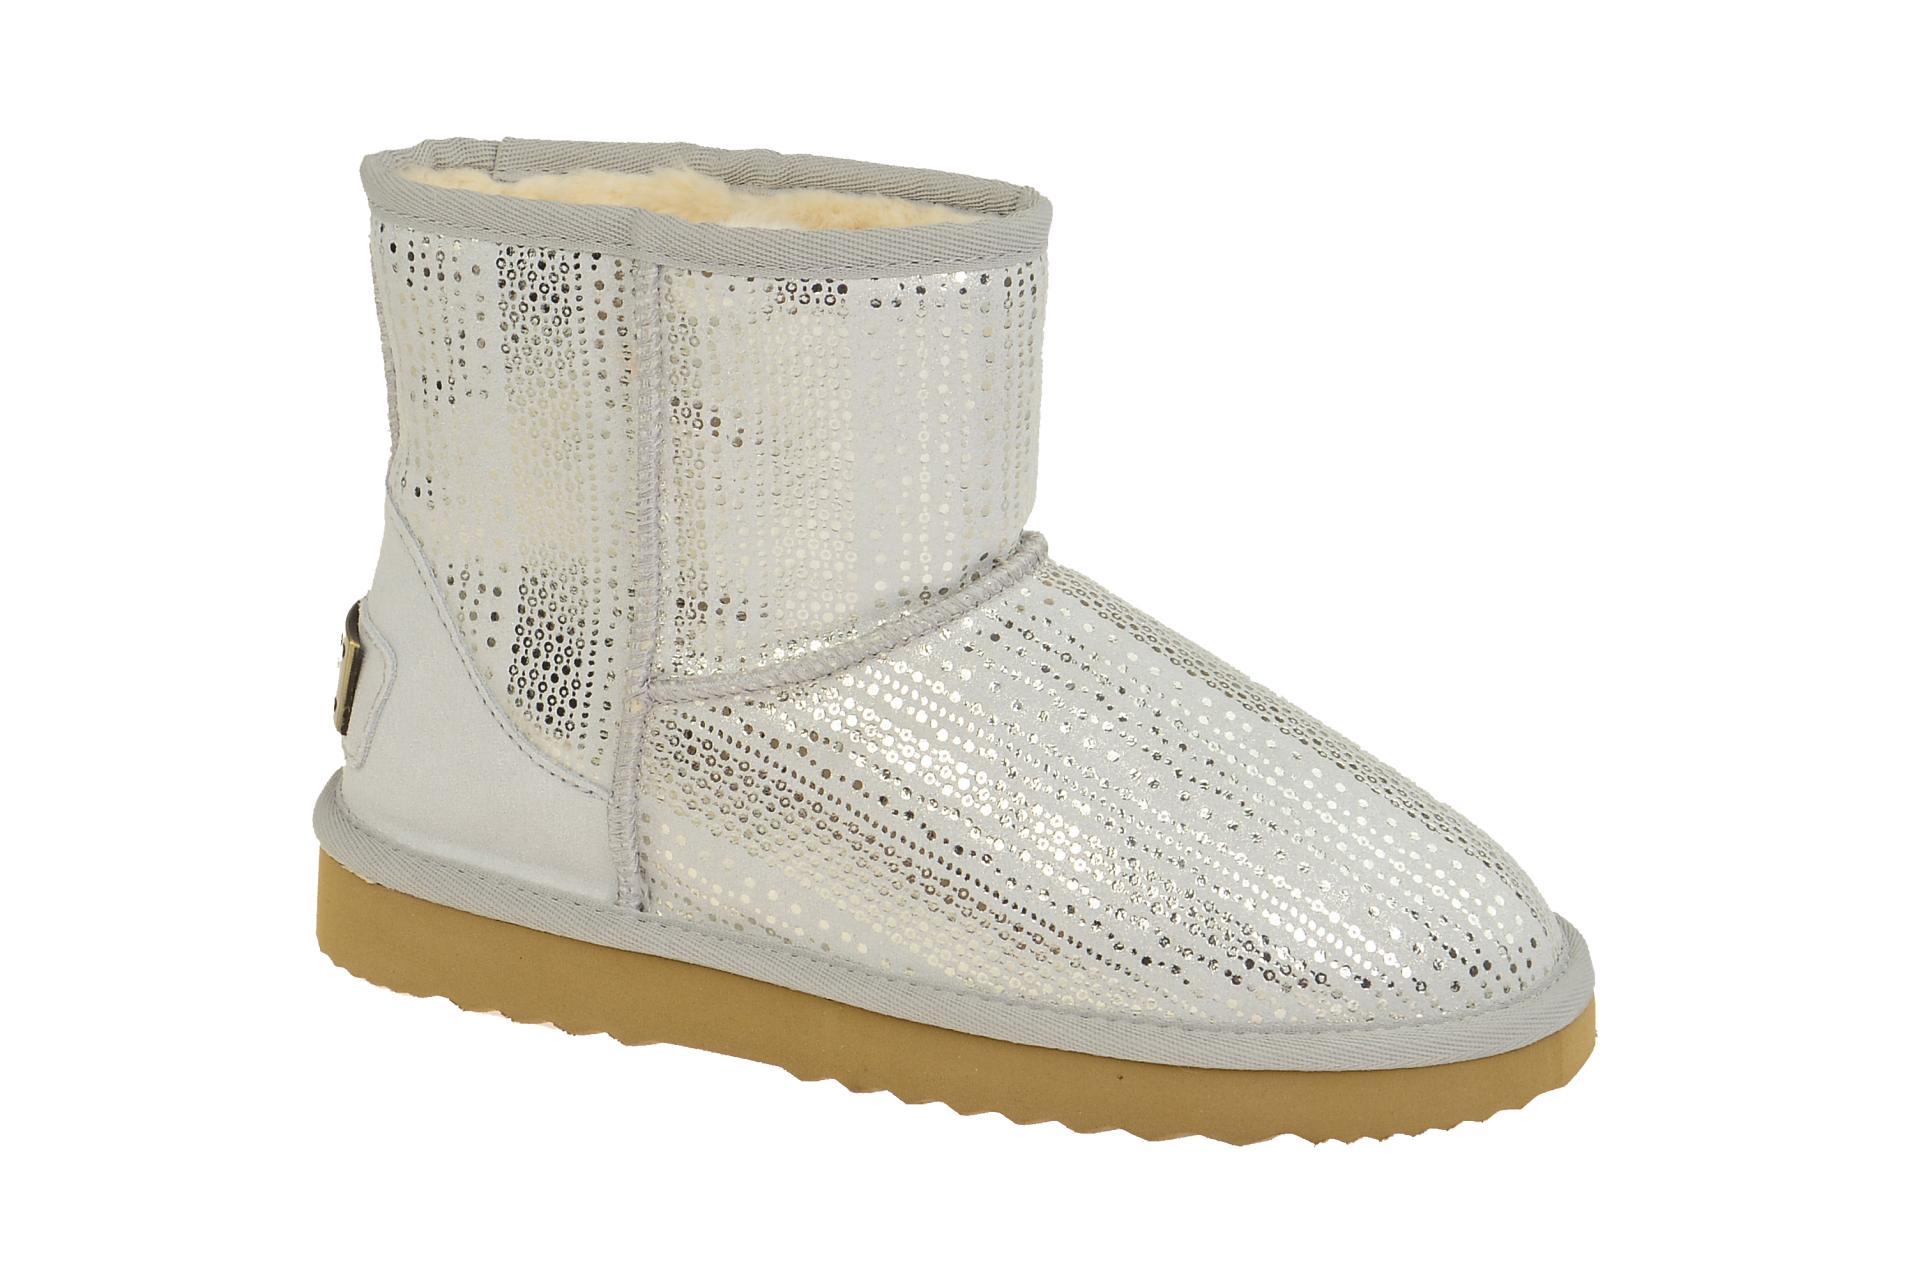 Oog Stiefel silber Boots 585469 - Schuhhaus Strauch Shop b87f6b23d1